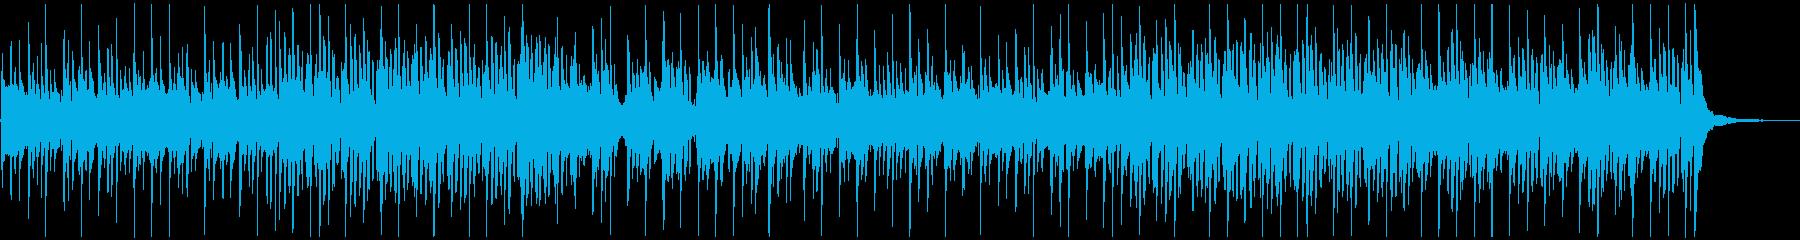 プロフィールビデオに最適なアコギ曲の再生済みの波形